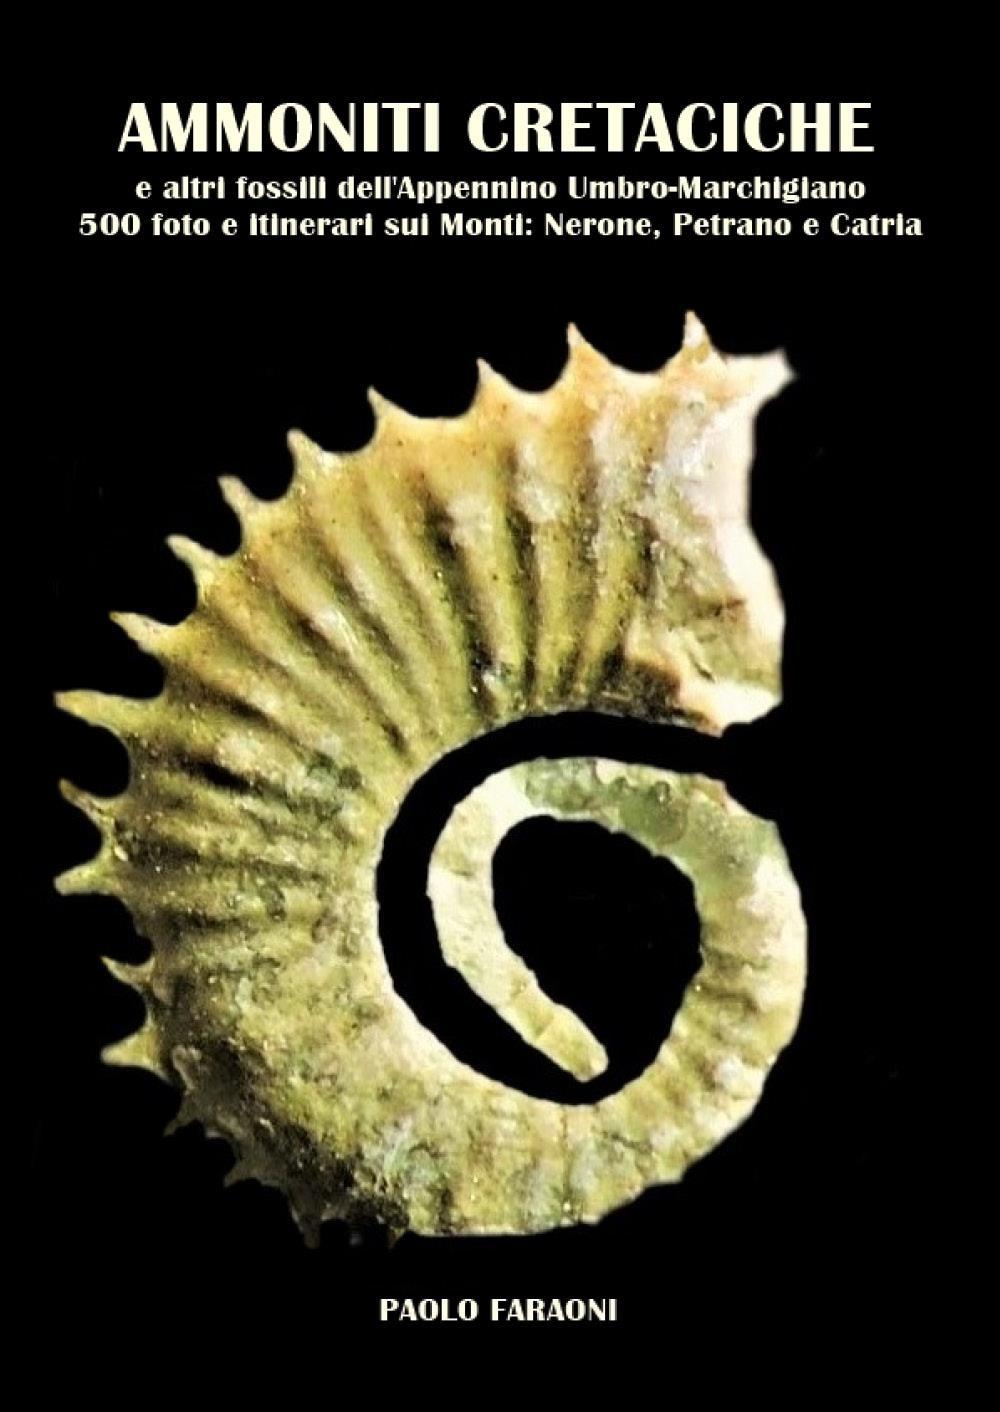 Ammoniti Cretaciche